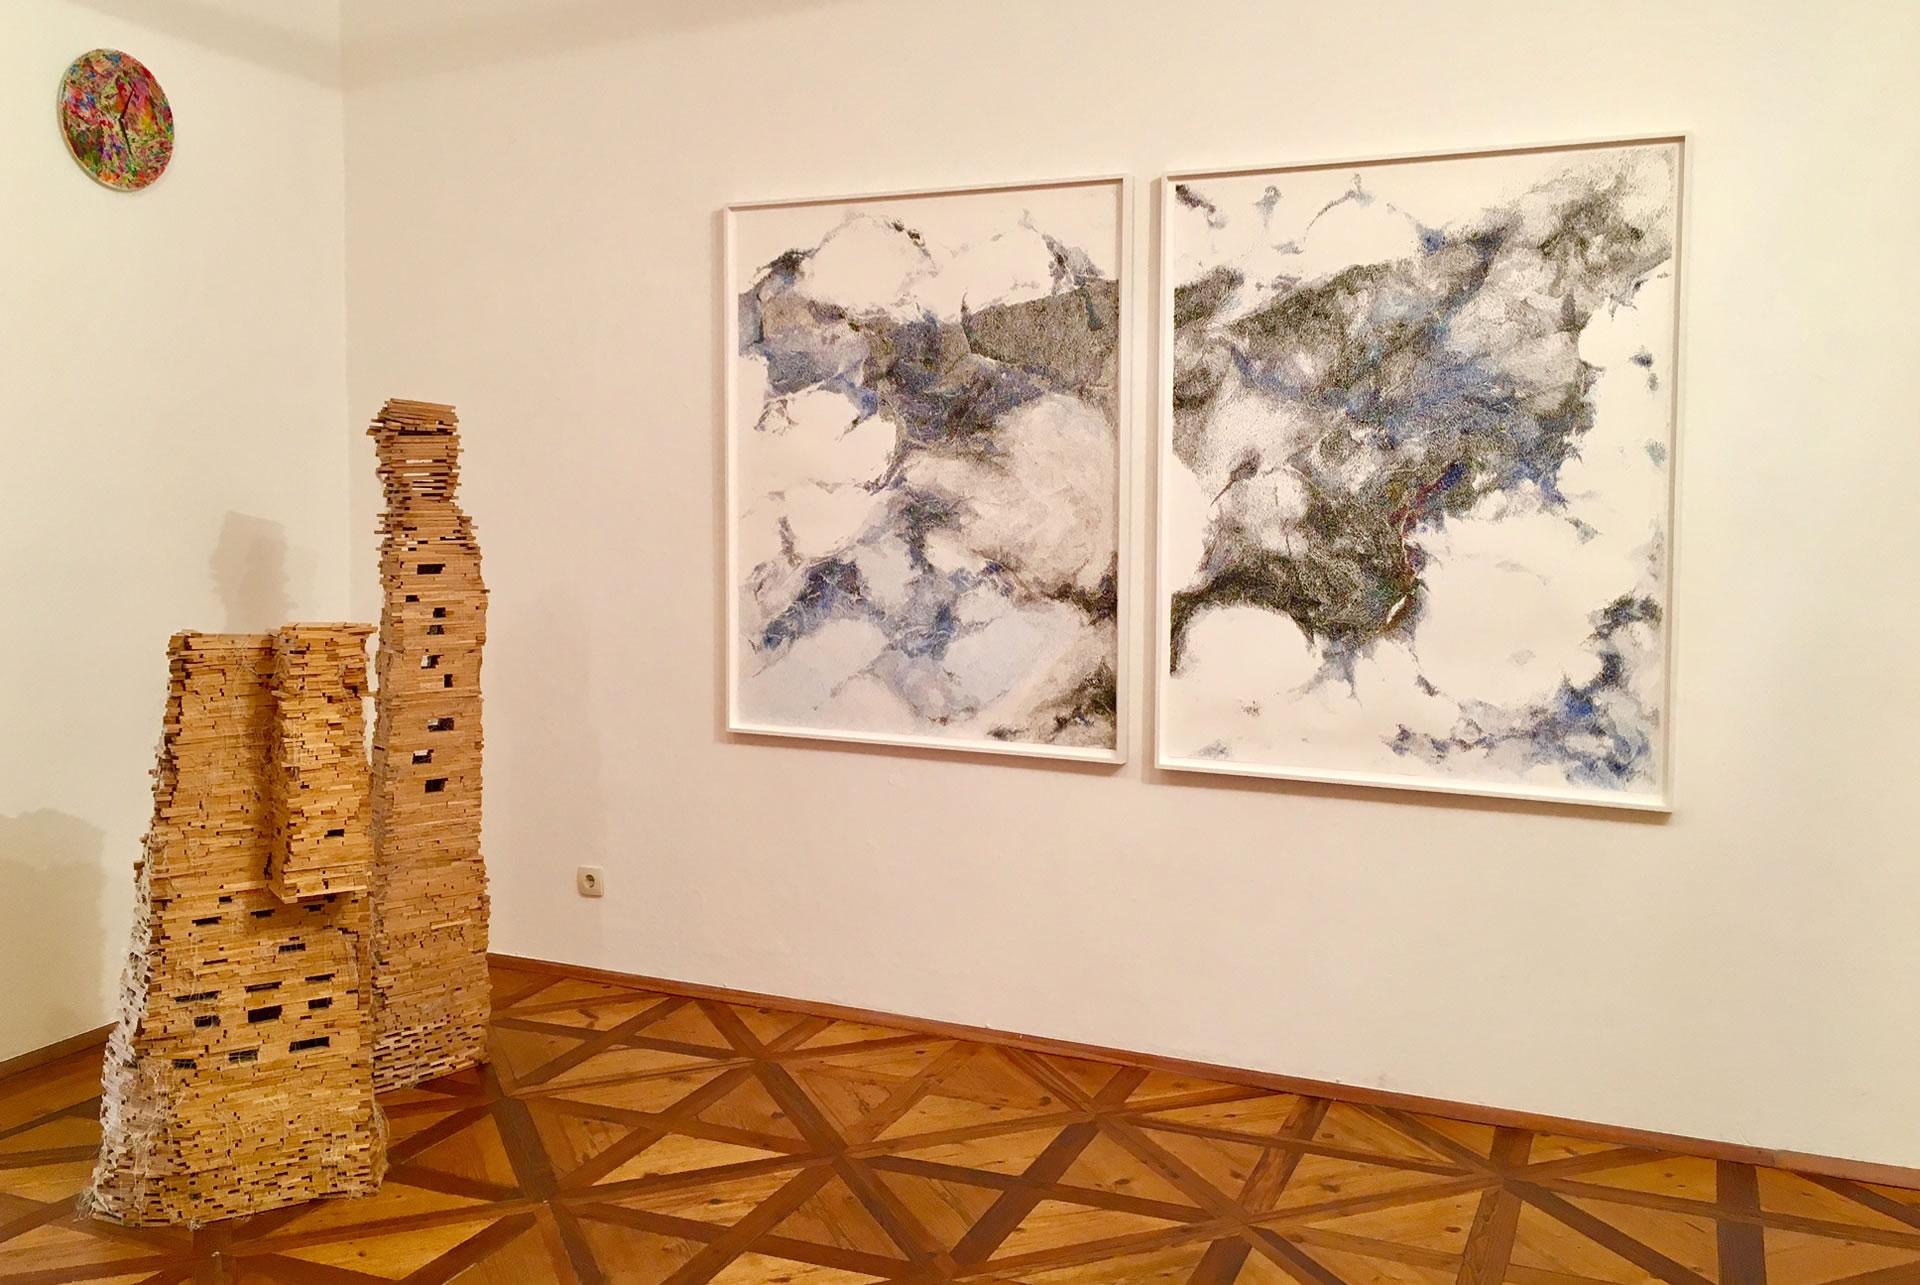 Galerie3 | Kopfkino | 01 | Ursula Mitter | Josef Landl | Linda Berger